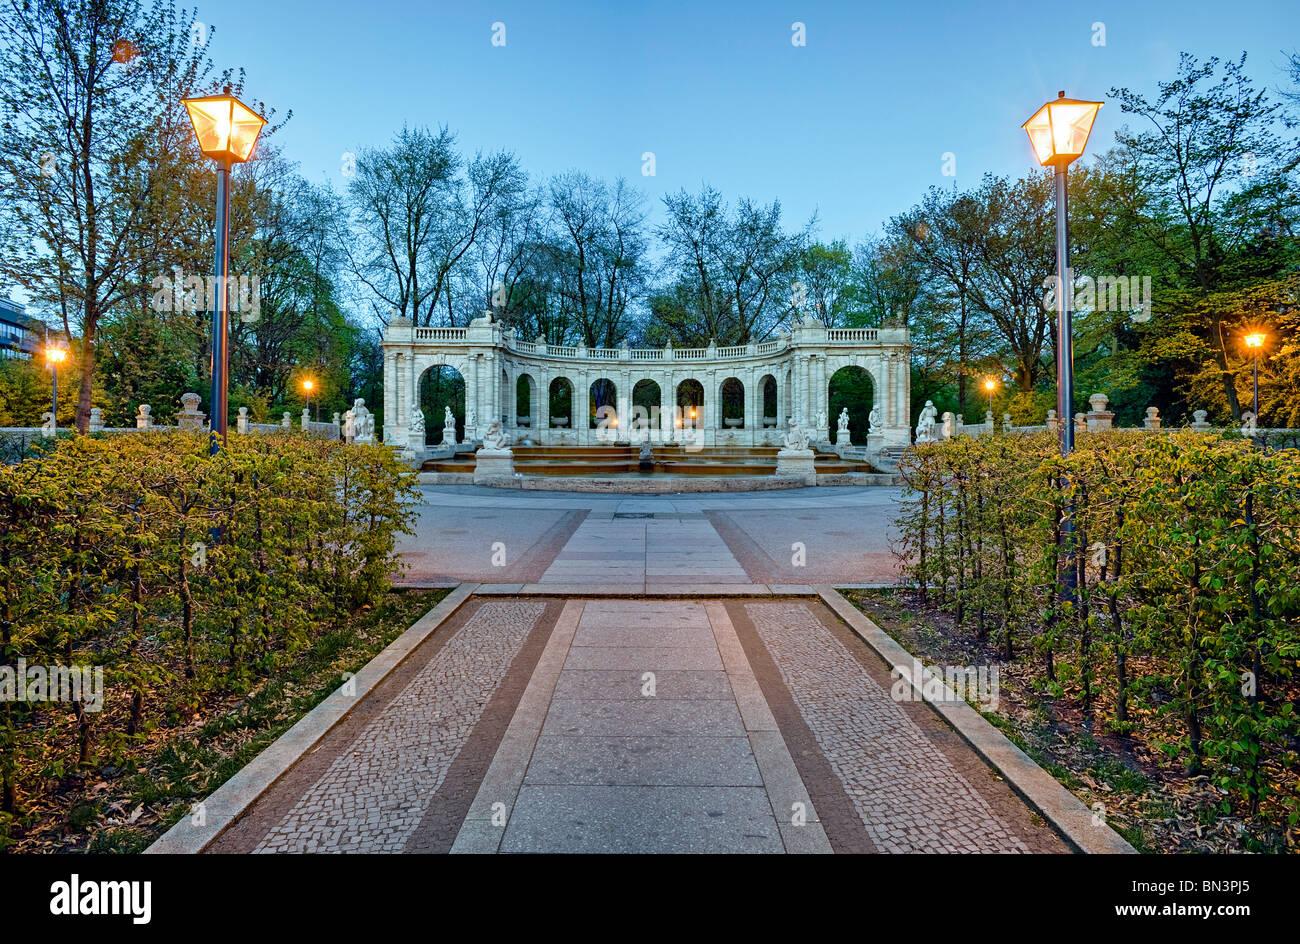 Fountain (Maerchenbrunnen) in the Volkspark, Friedrichshain, Berlin, Germany - Stock Image